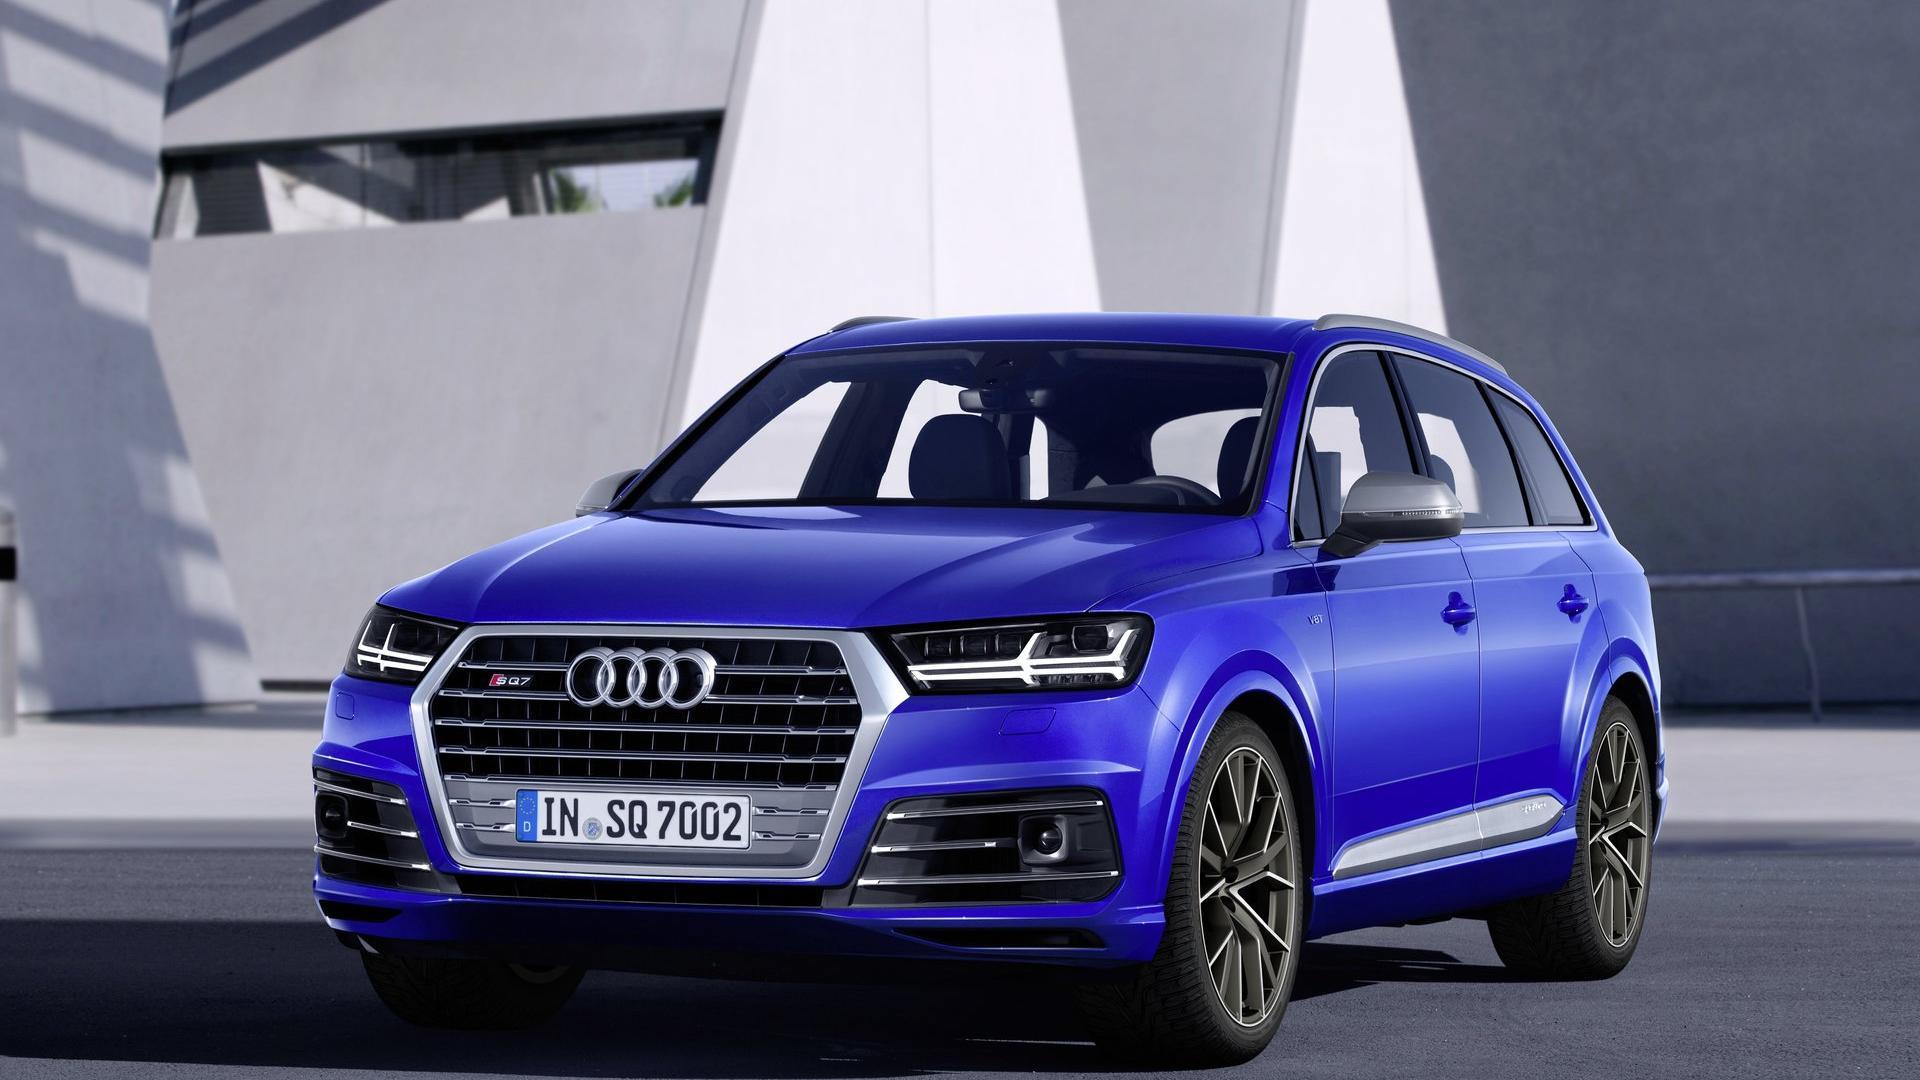 Audi Q7 Ii Sq7 Silniki Dane Testy Autocentrumpl